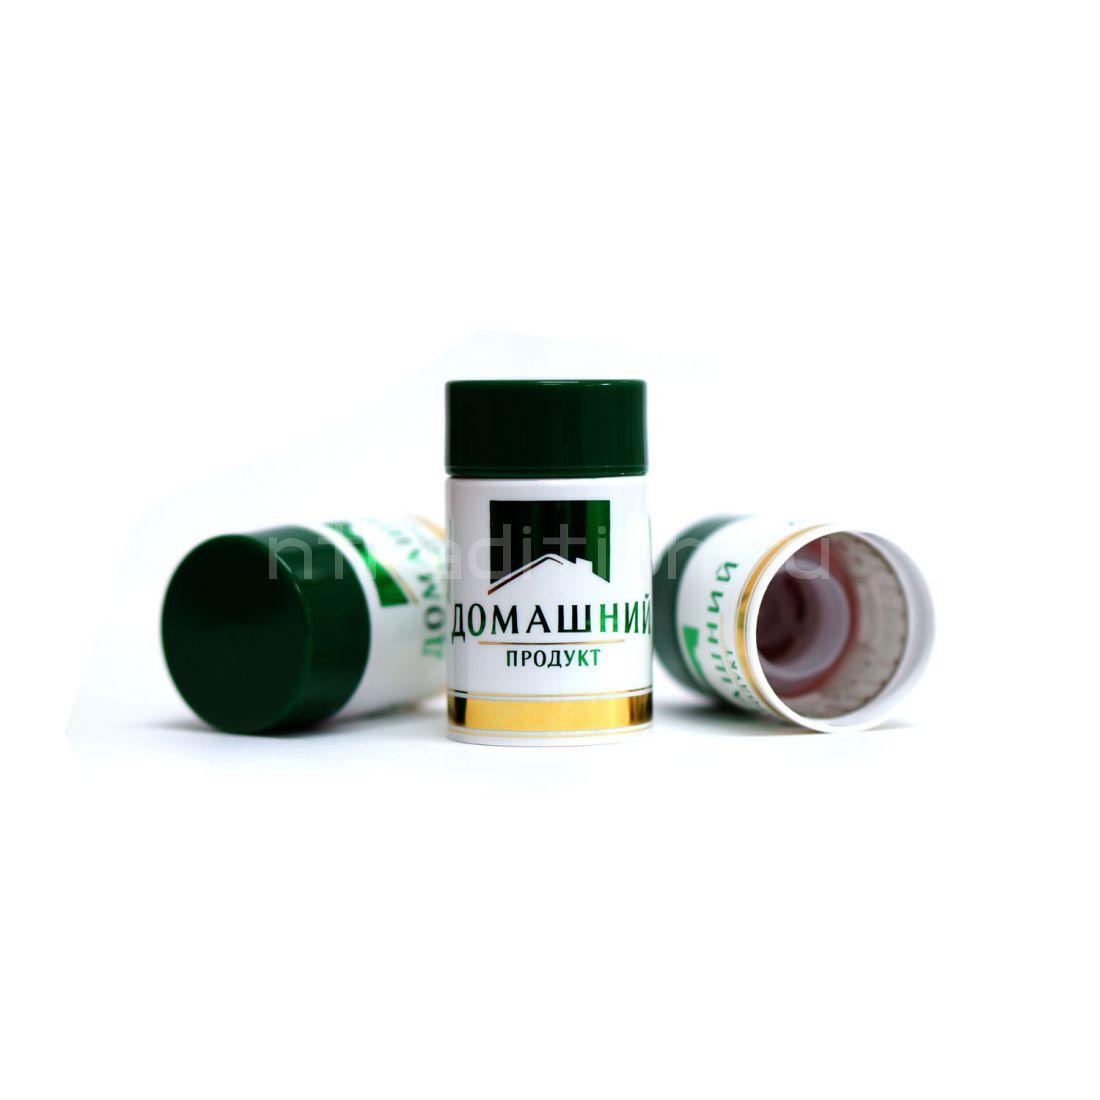 Колпачок с дозатором Домашний продукт зеленый (Гуала 47 мм) / 10 шт